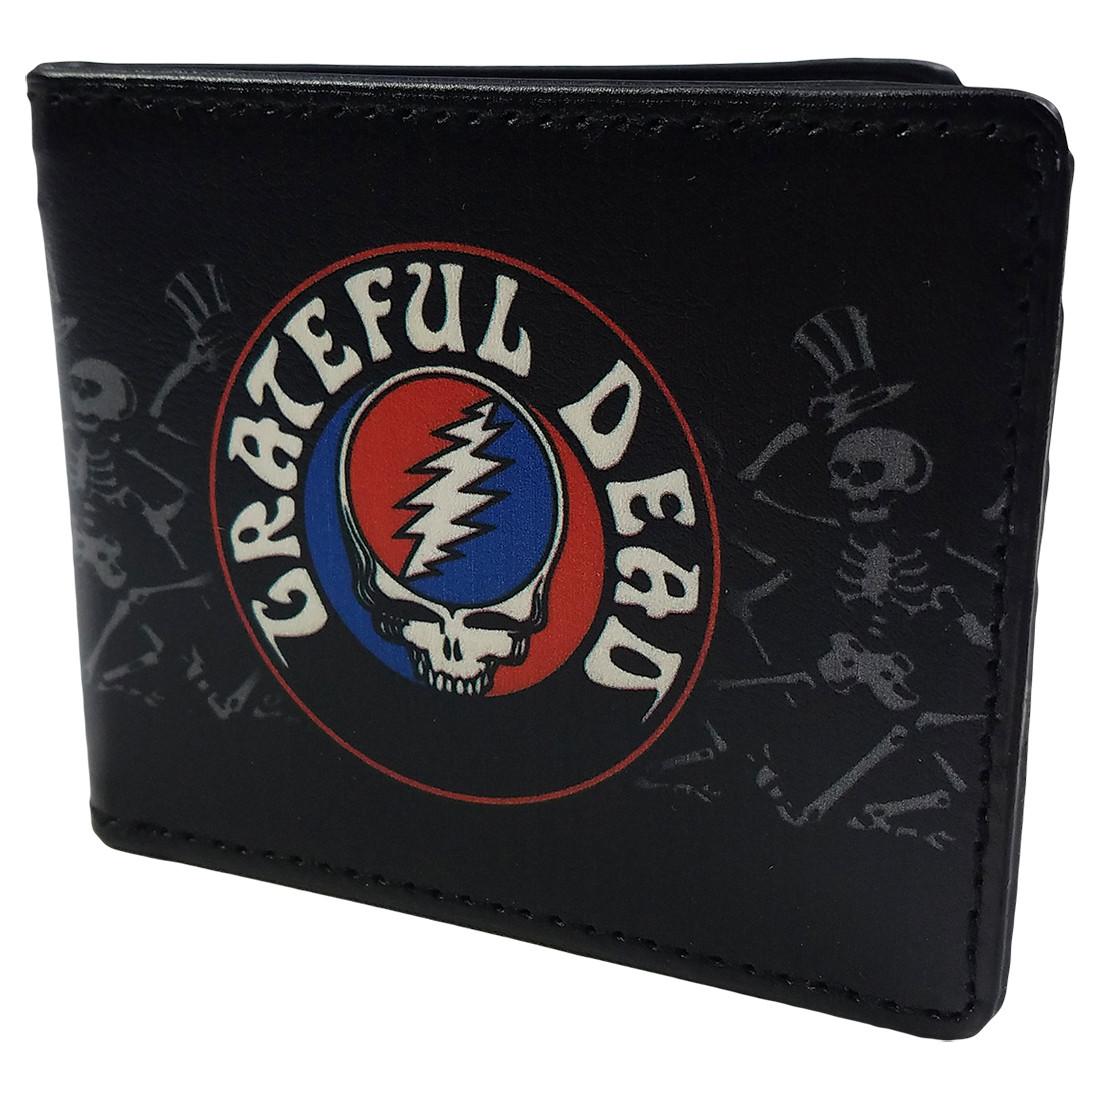 GD SYF Bi-Fold Wallet